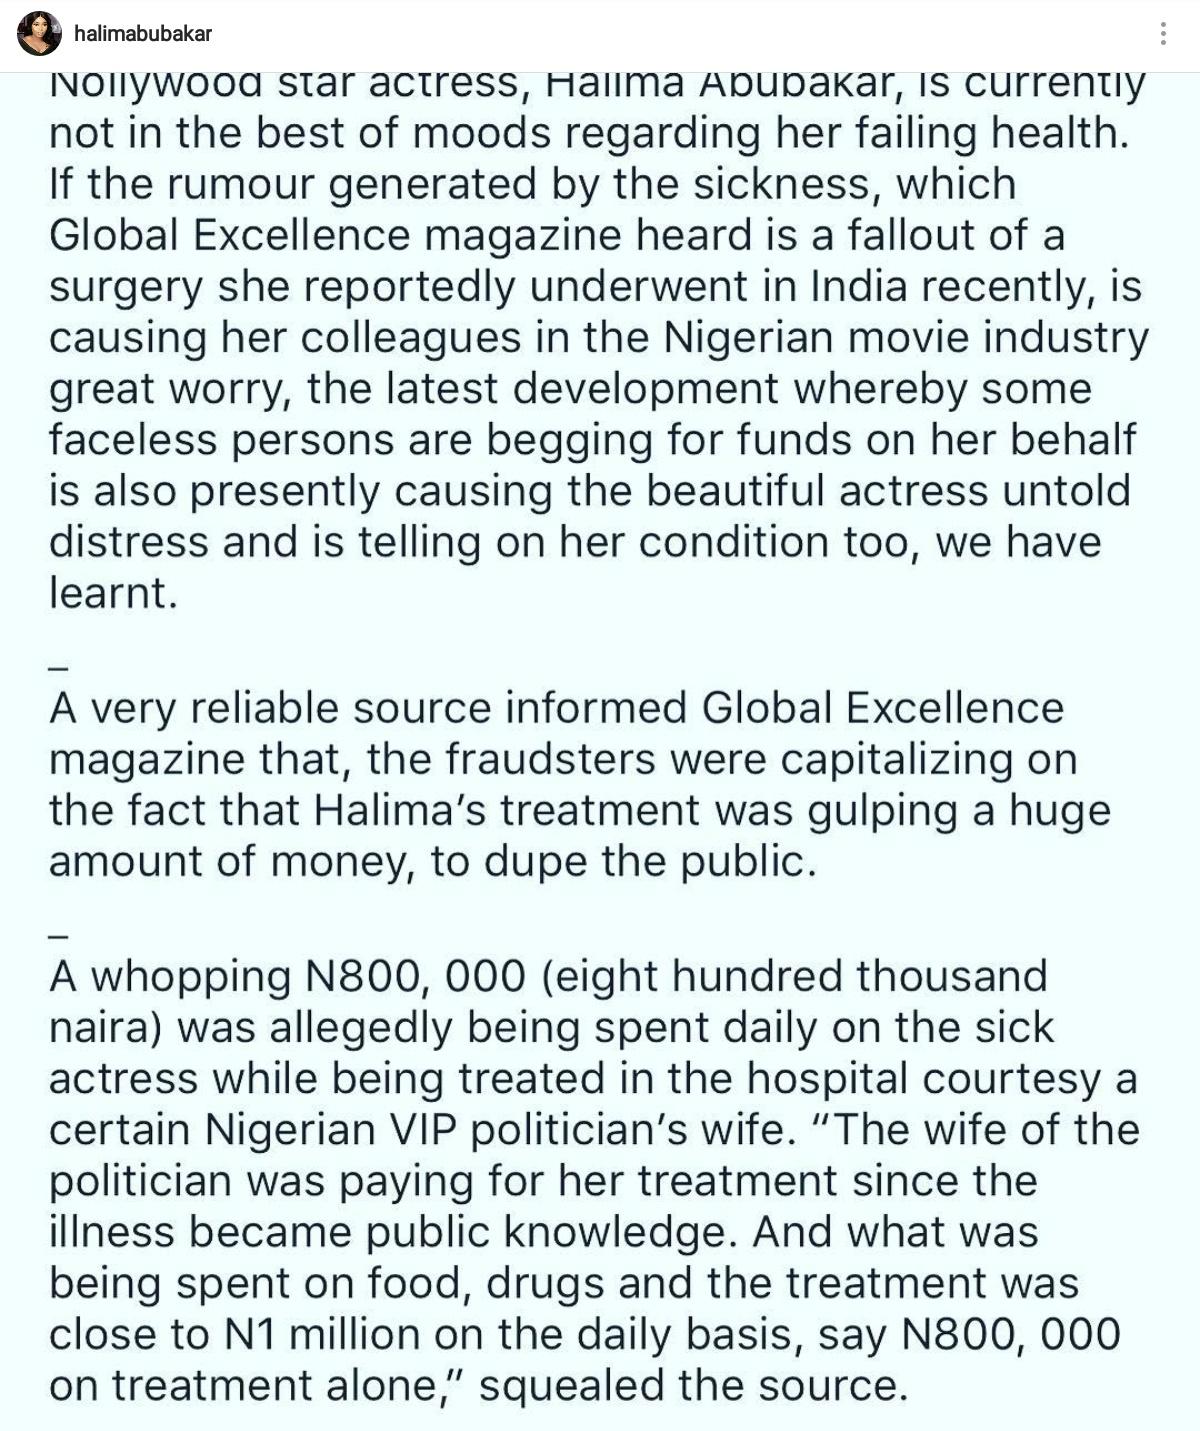 Halima Abubakar Addresses Rumours That She Is Spending N800K On Her Illness Daily (1)